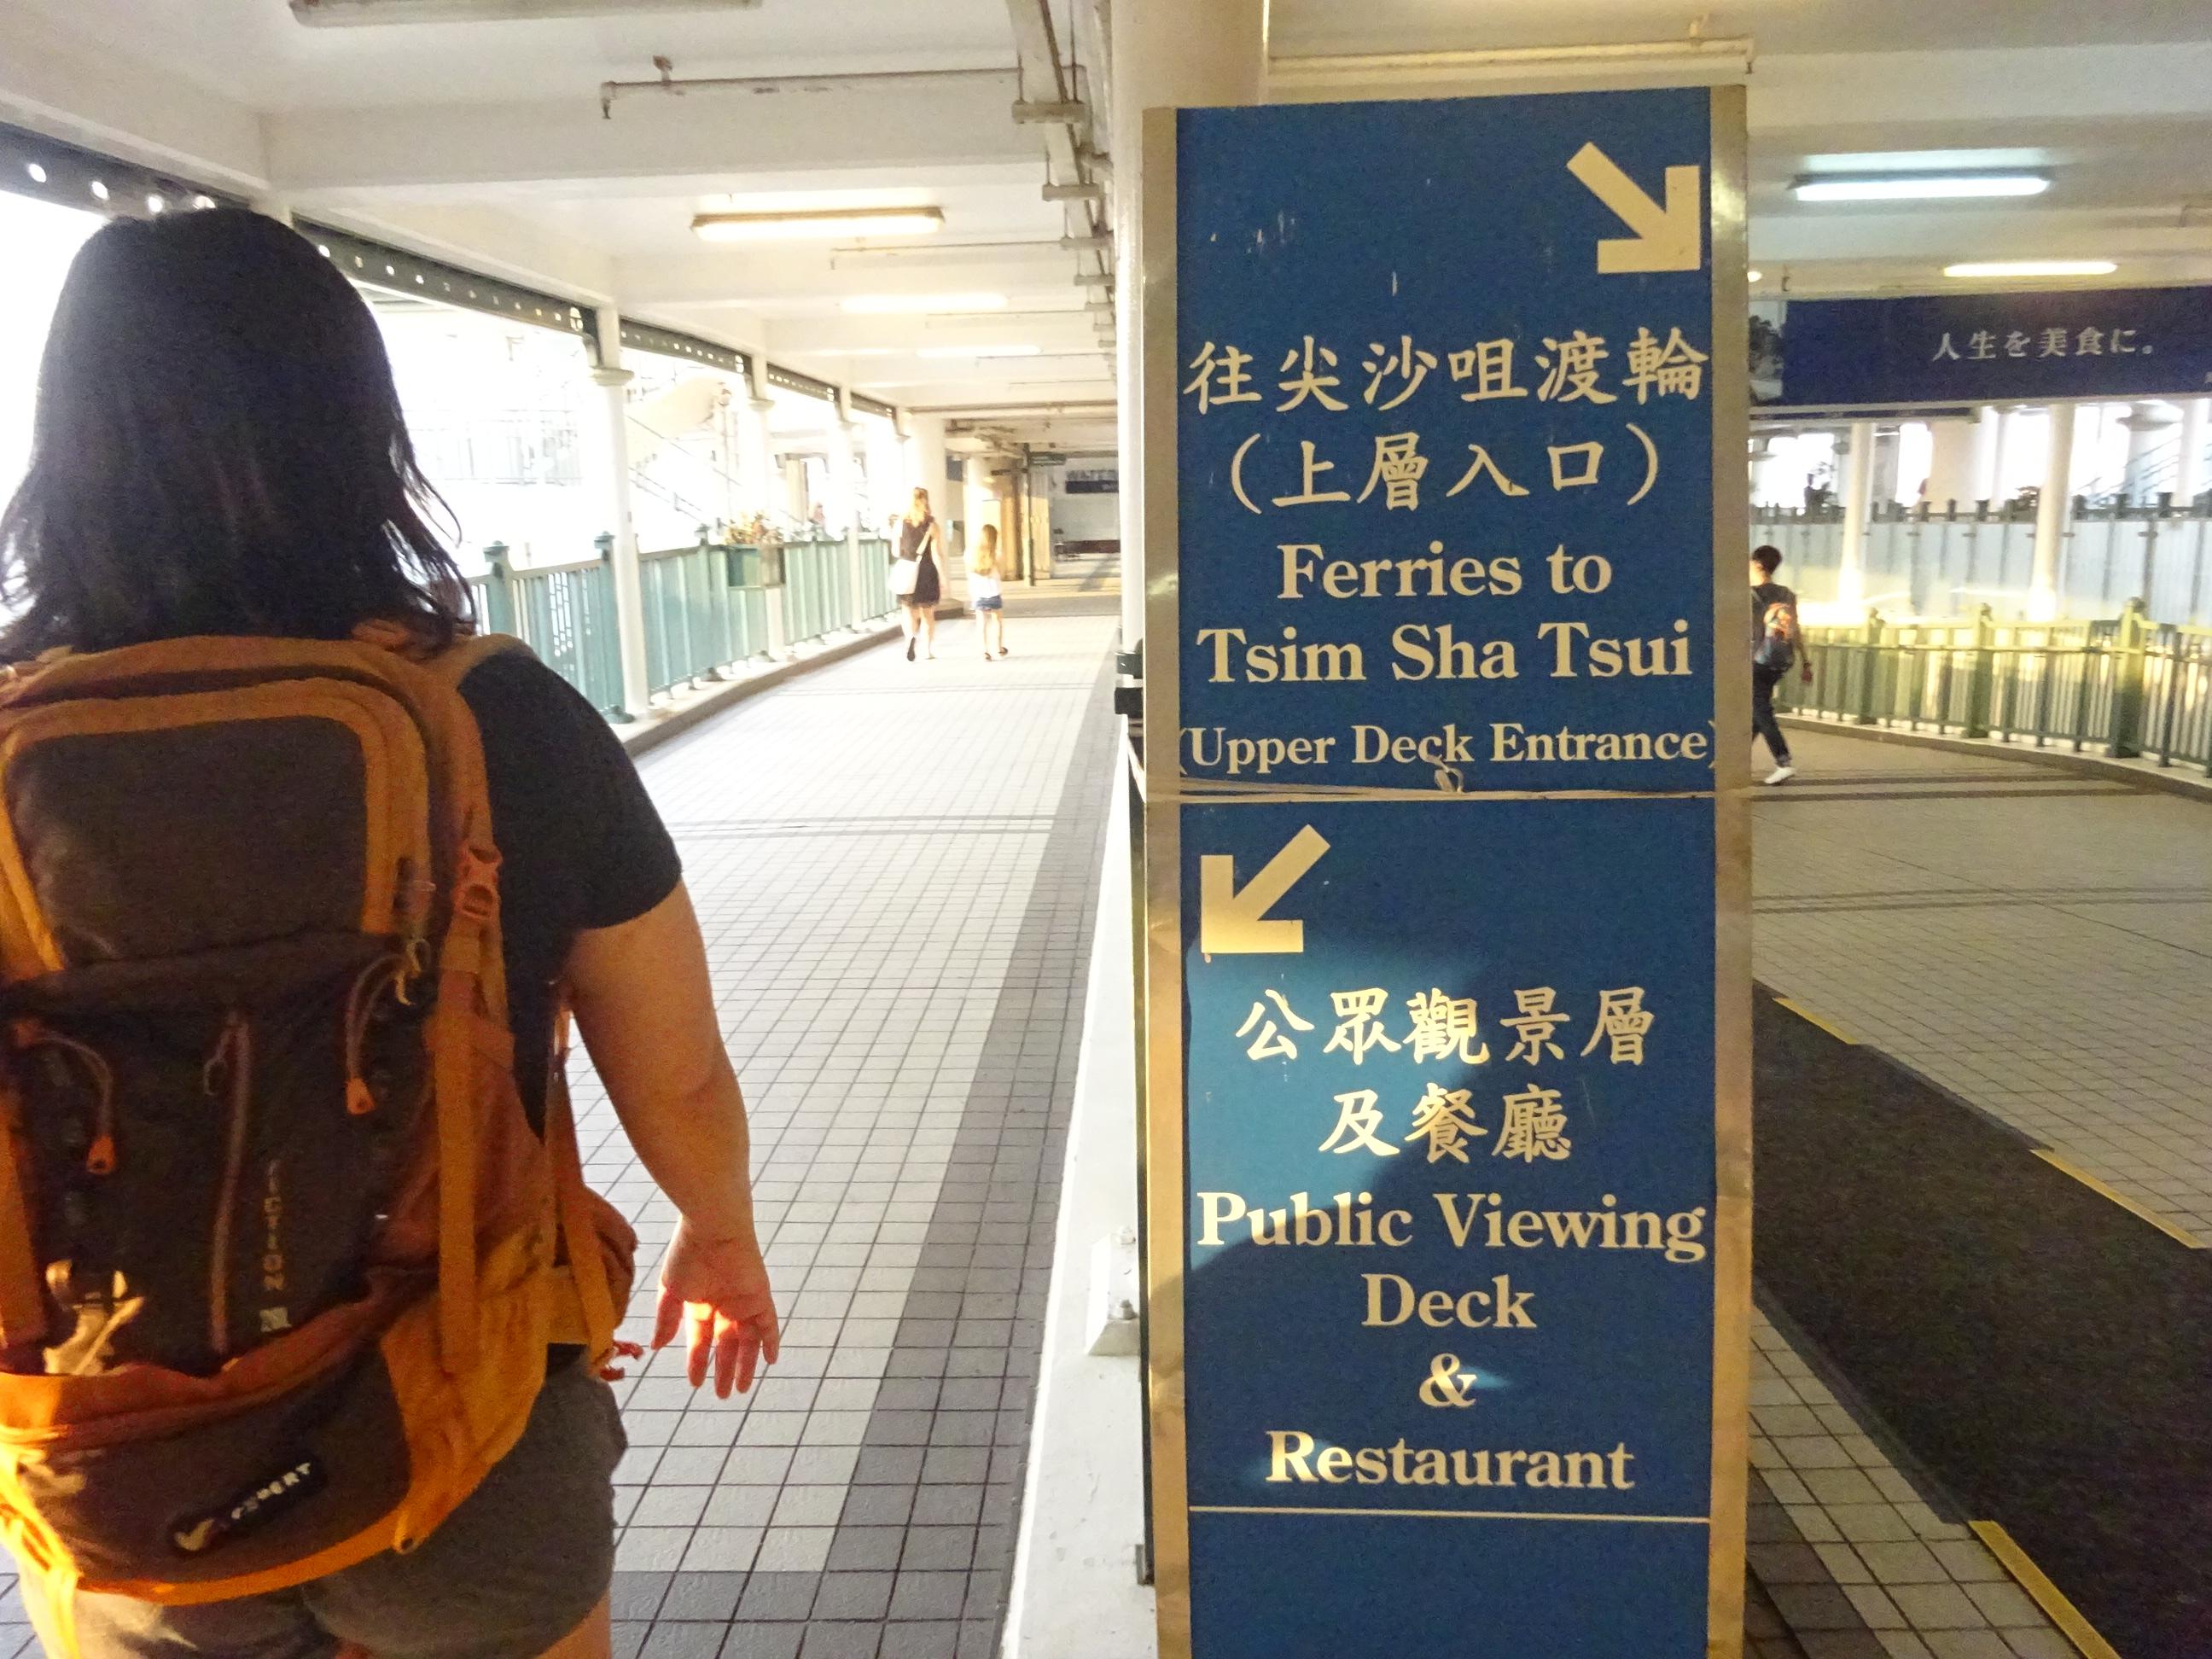 スターフェリー(天星小輪・Star Ferry)乗り場の上層階入り口